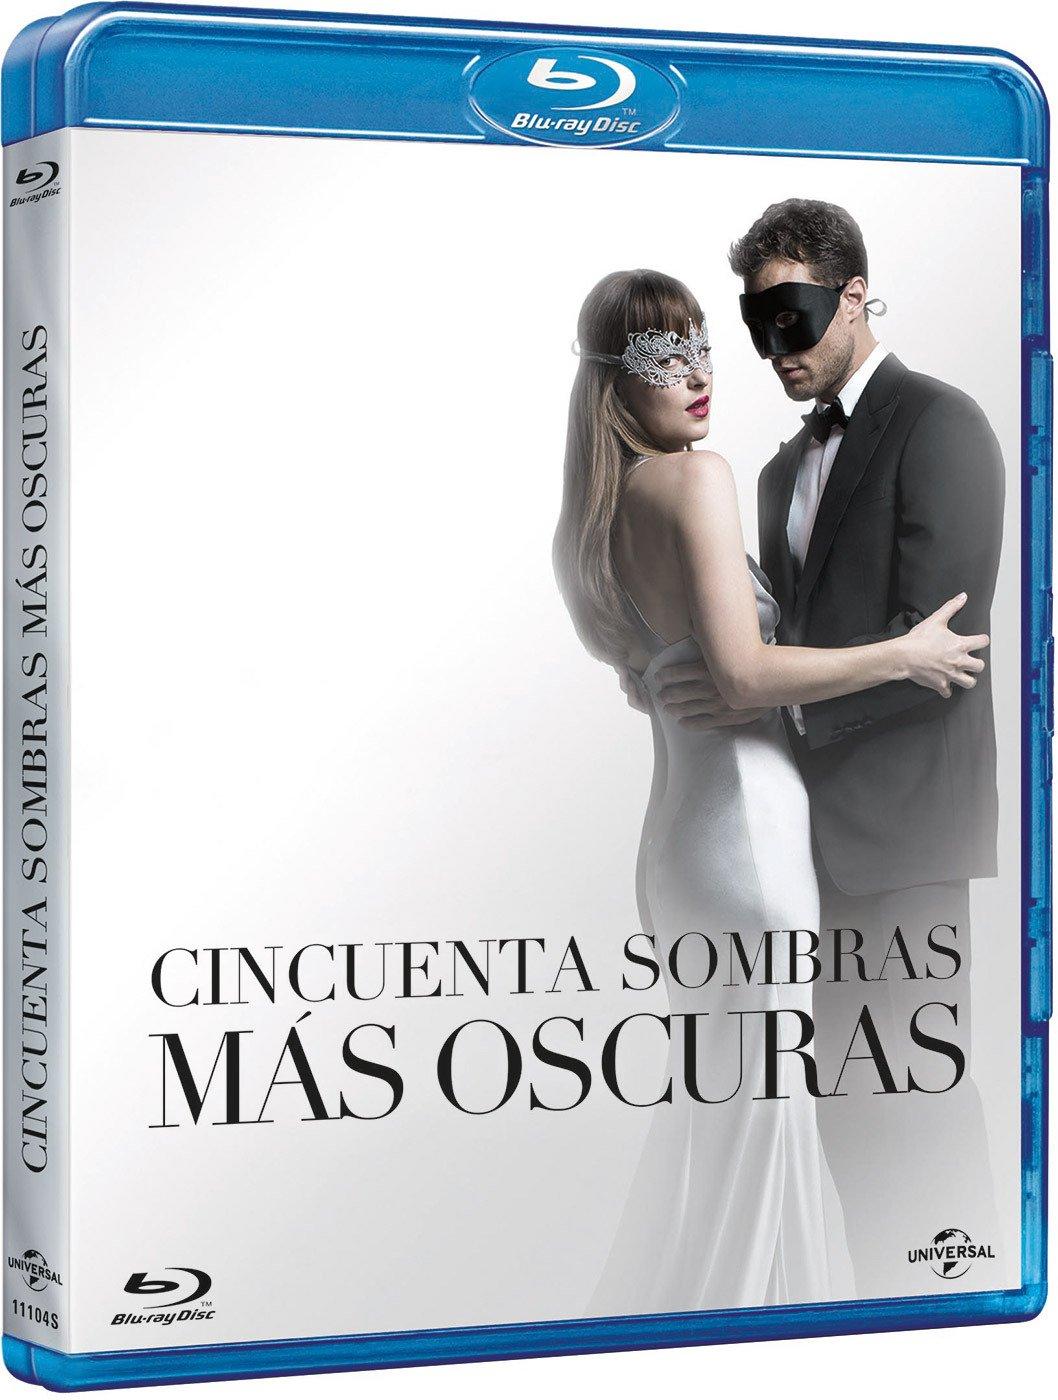 Cincuenta Sombras Mas Oscuras - Edición 2018 [Blu-ray]